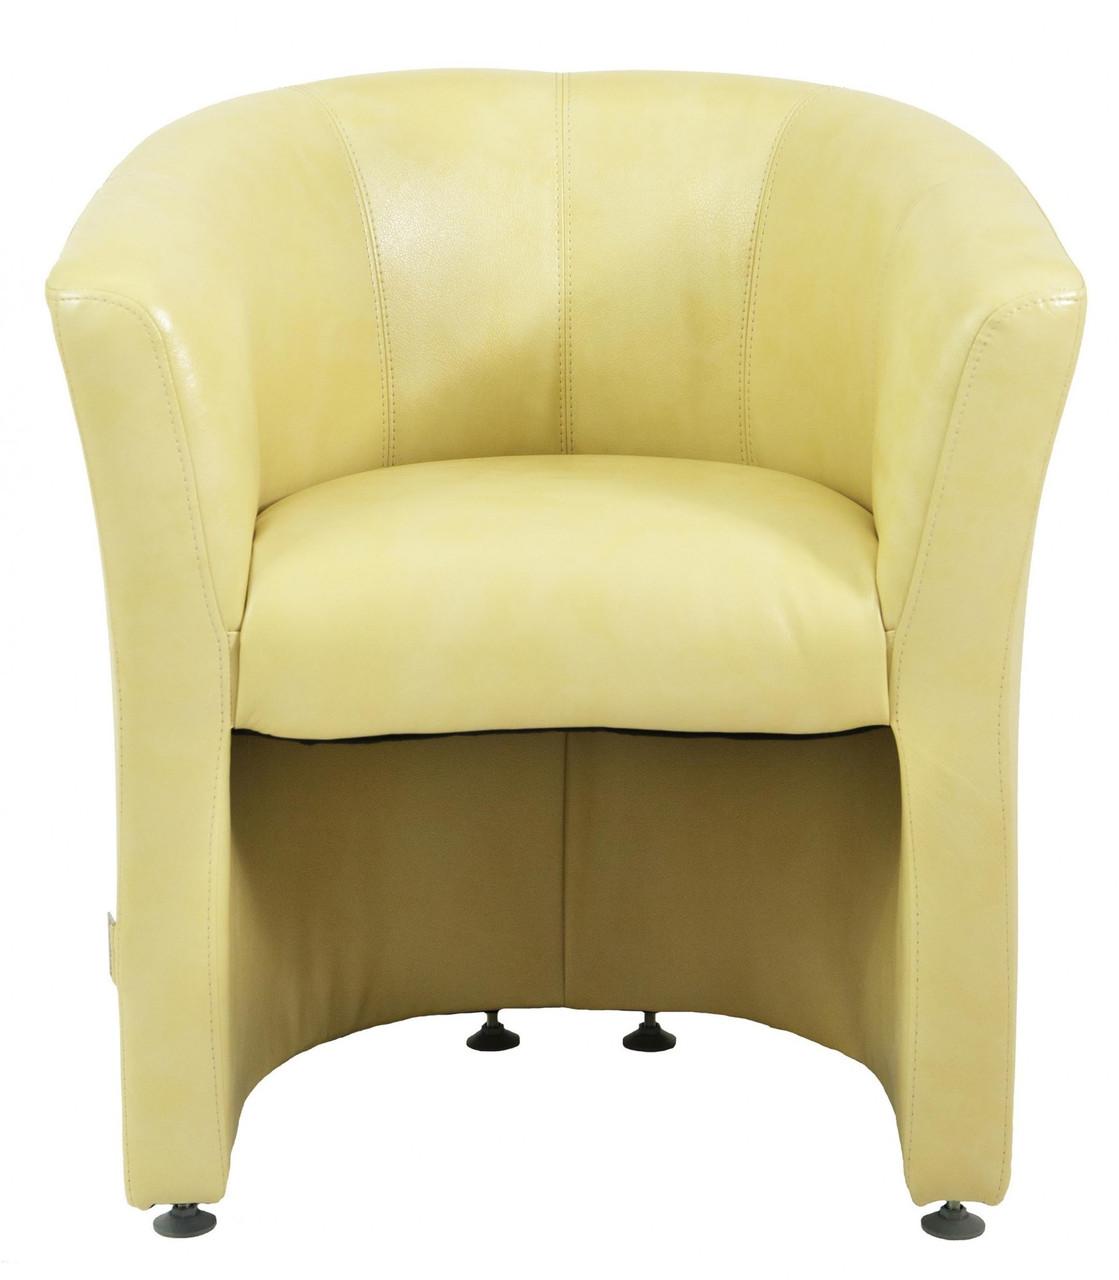 Кресло Boom 650 x 650 x 800H см Титан Vanilla Бежевое